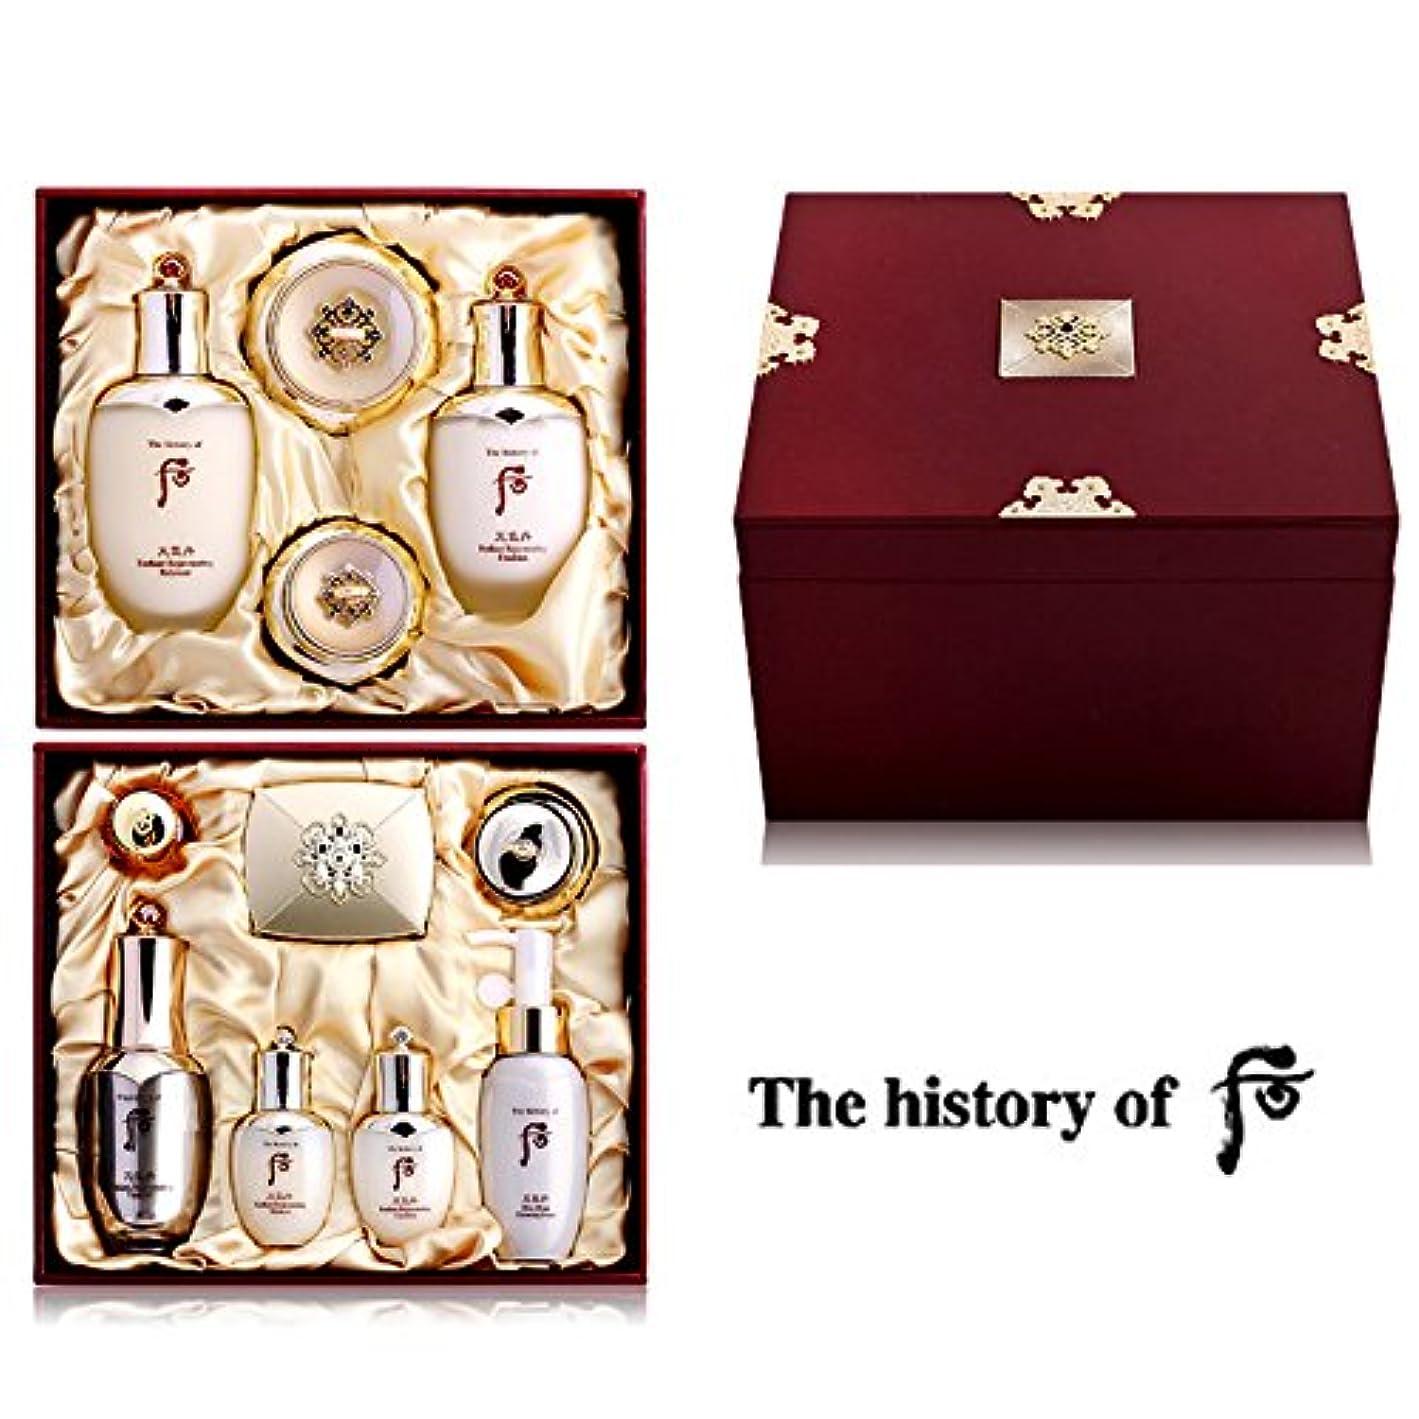 ポールマットレス隣接【フー/The history of whoo] 天気丹 王侯(チョンギダン ワンフ) セット/Chonghi Dan Queen Special Set+[Sample Gift](海外直送品)